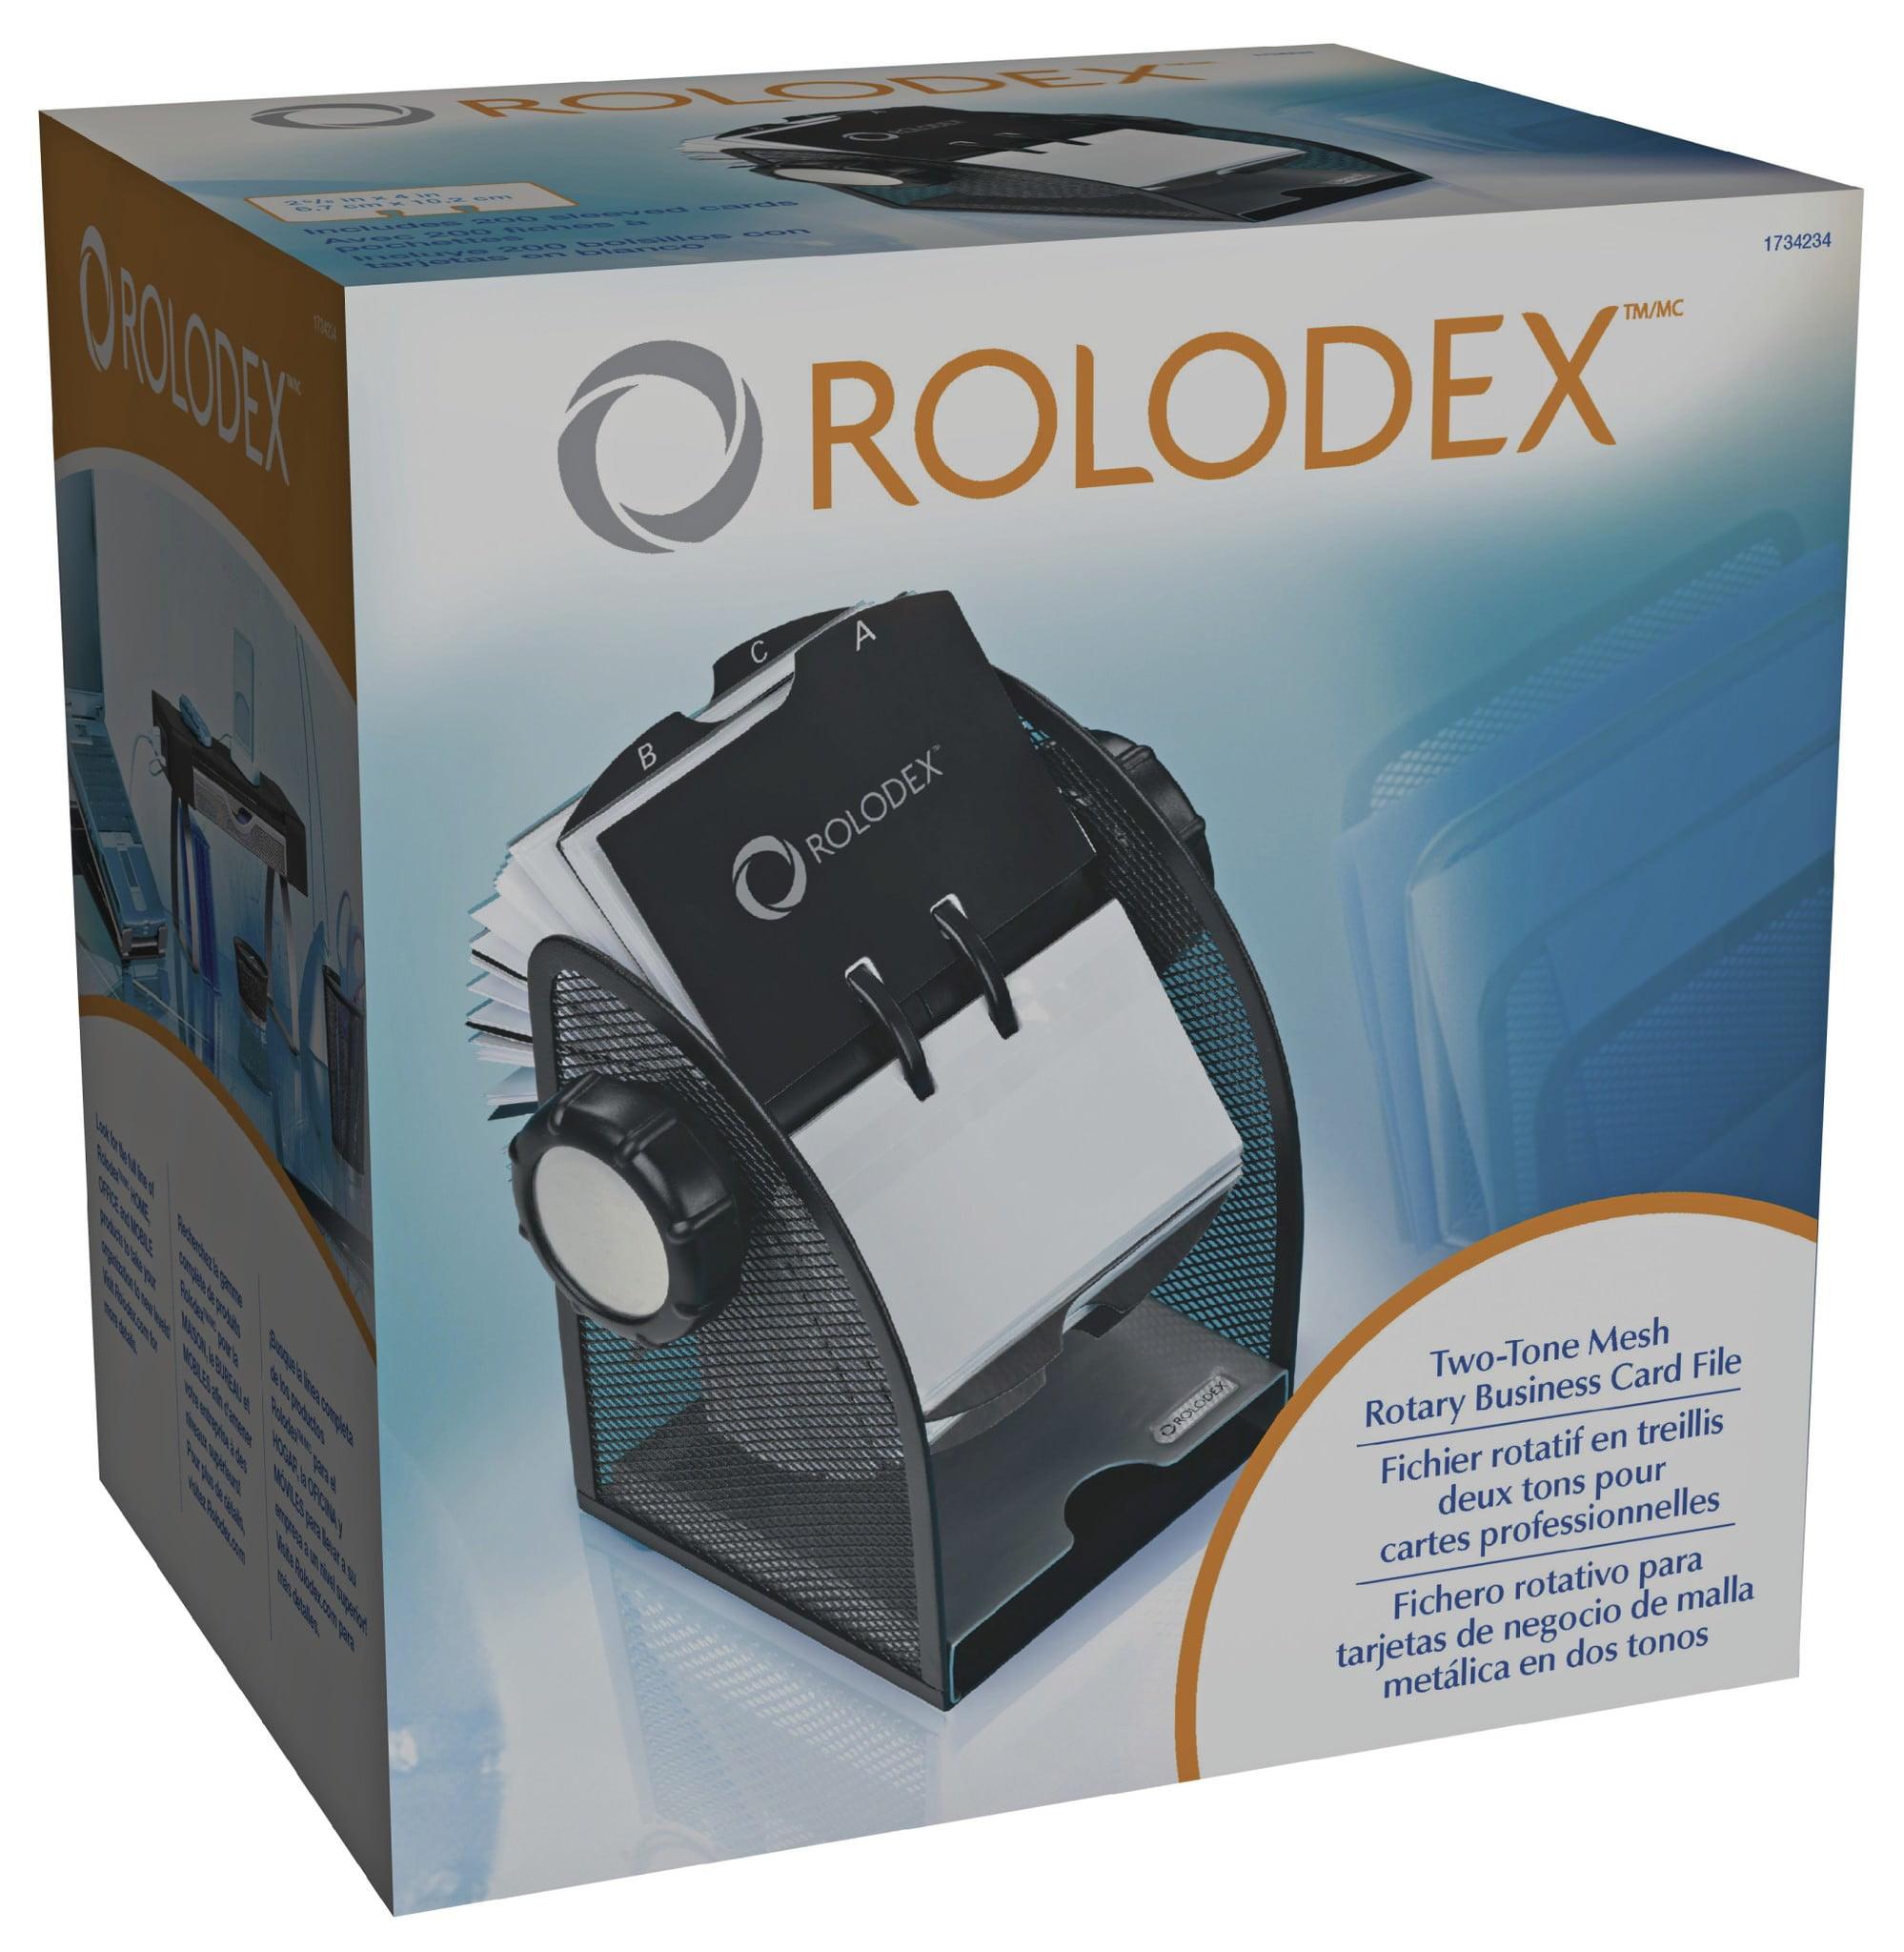 Rolodex Rotary Mesh Business Card File - Walmart.com